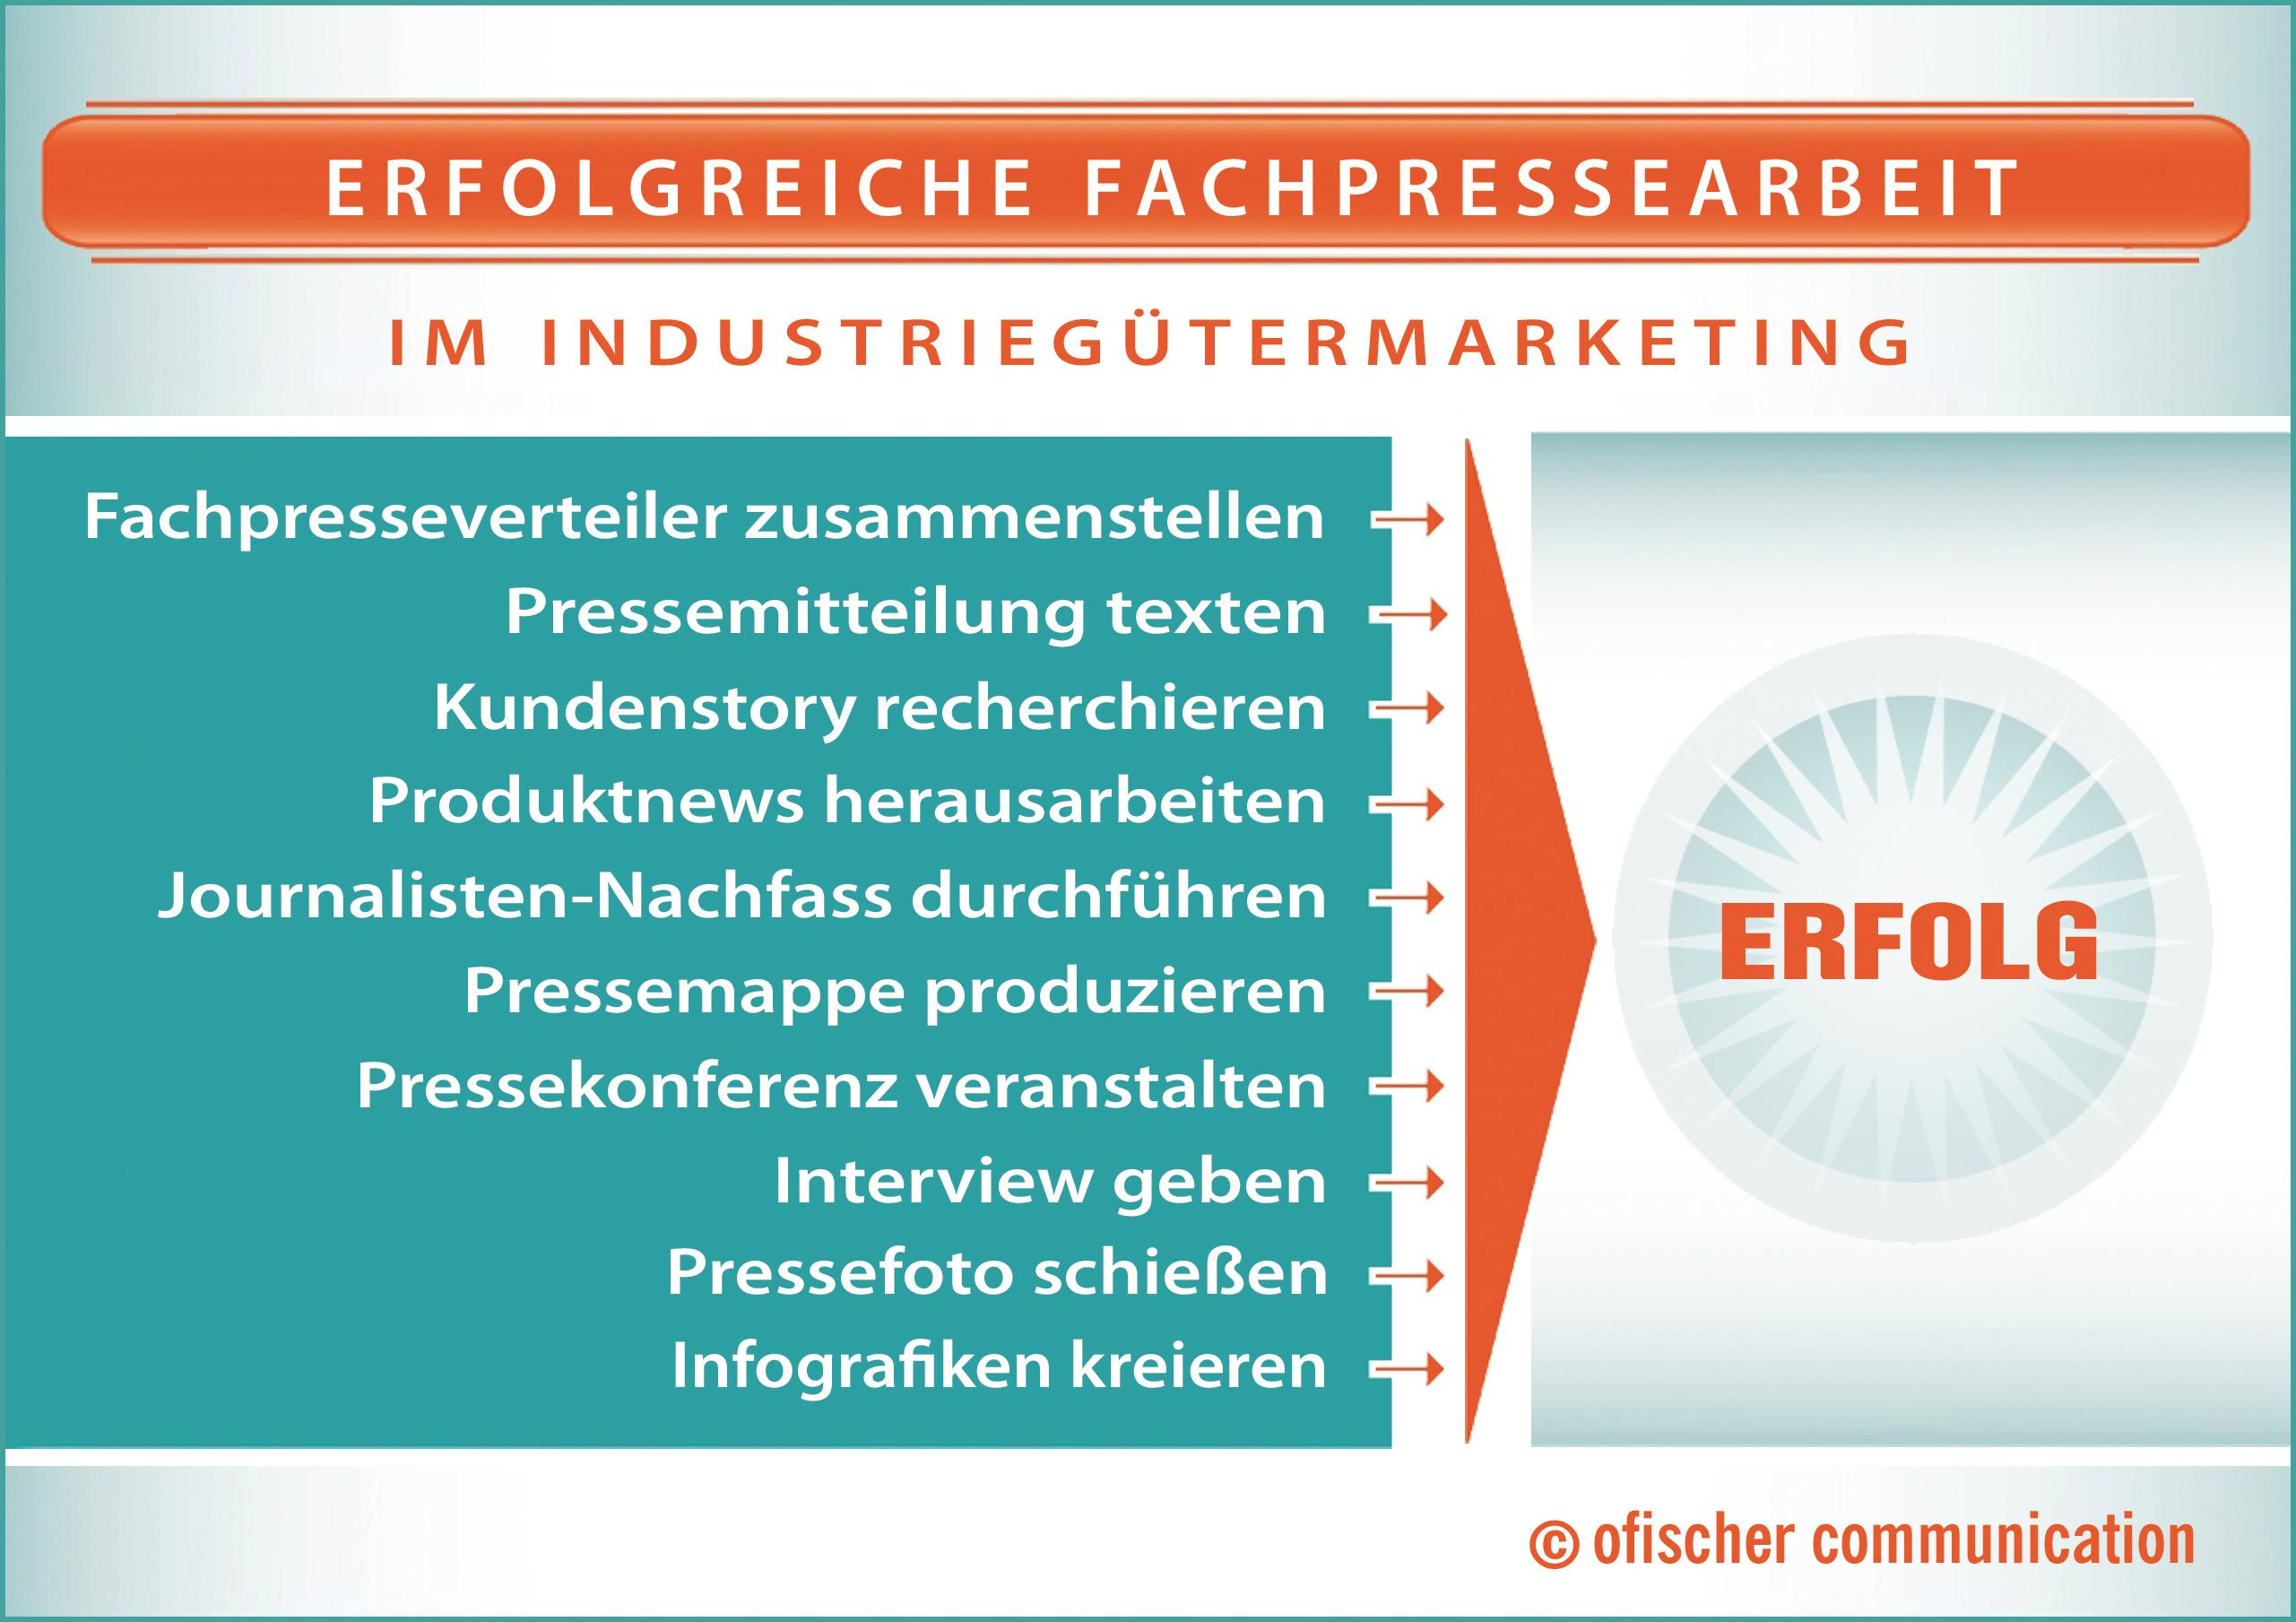 Agentur für erfolgreiche Fachpressearbeit im Indüstriegütermarketing.